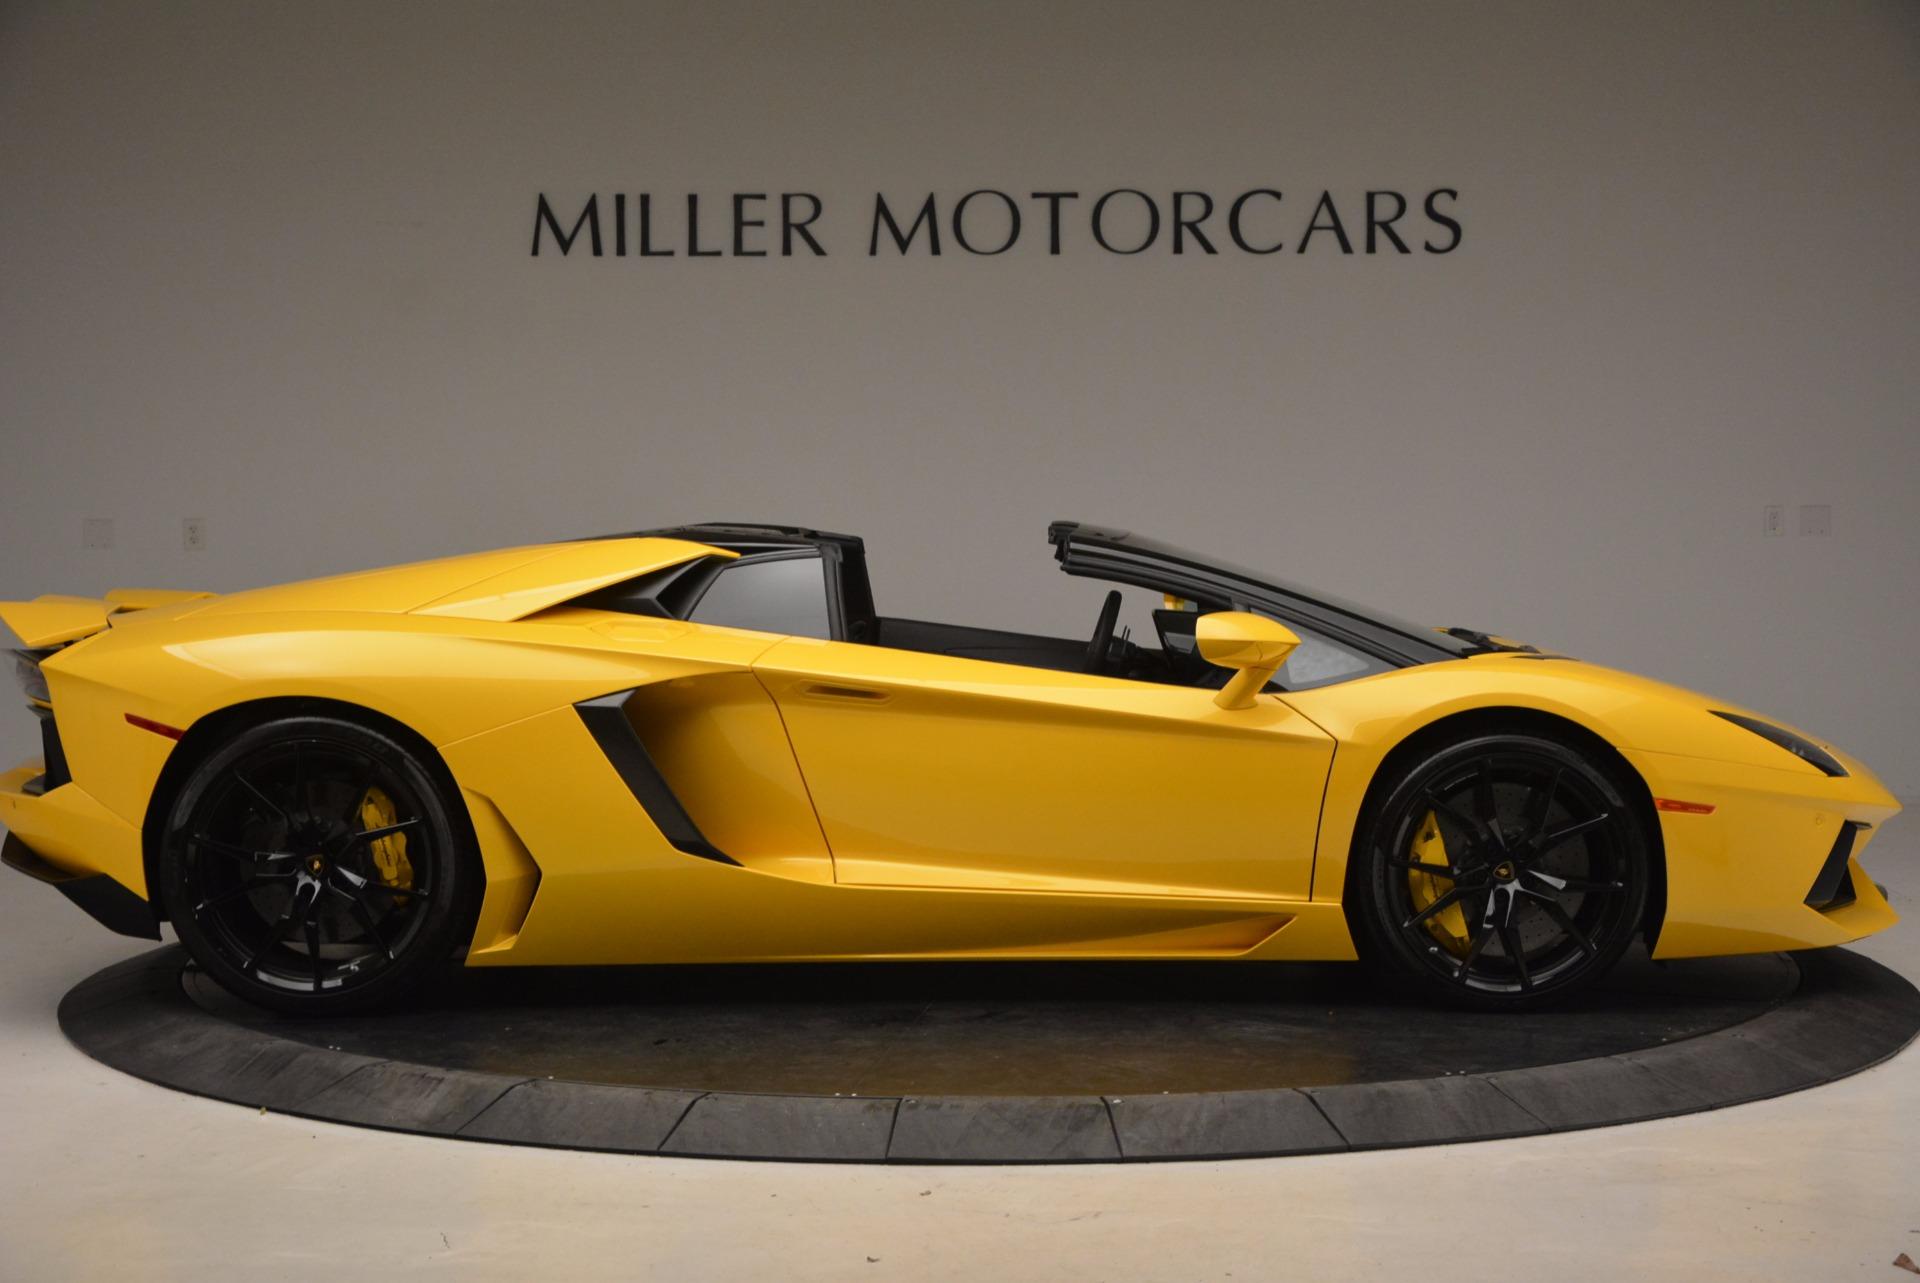 Used 2015 Lamborghini Aventador LP 700-4 Roadster For Sale In Greenwich, CT 1774_p10